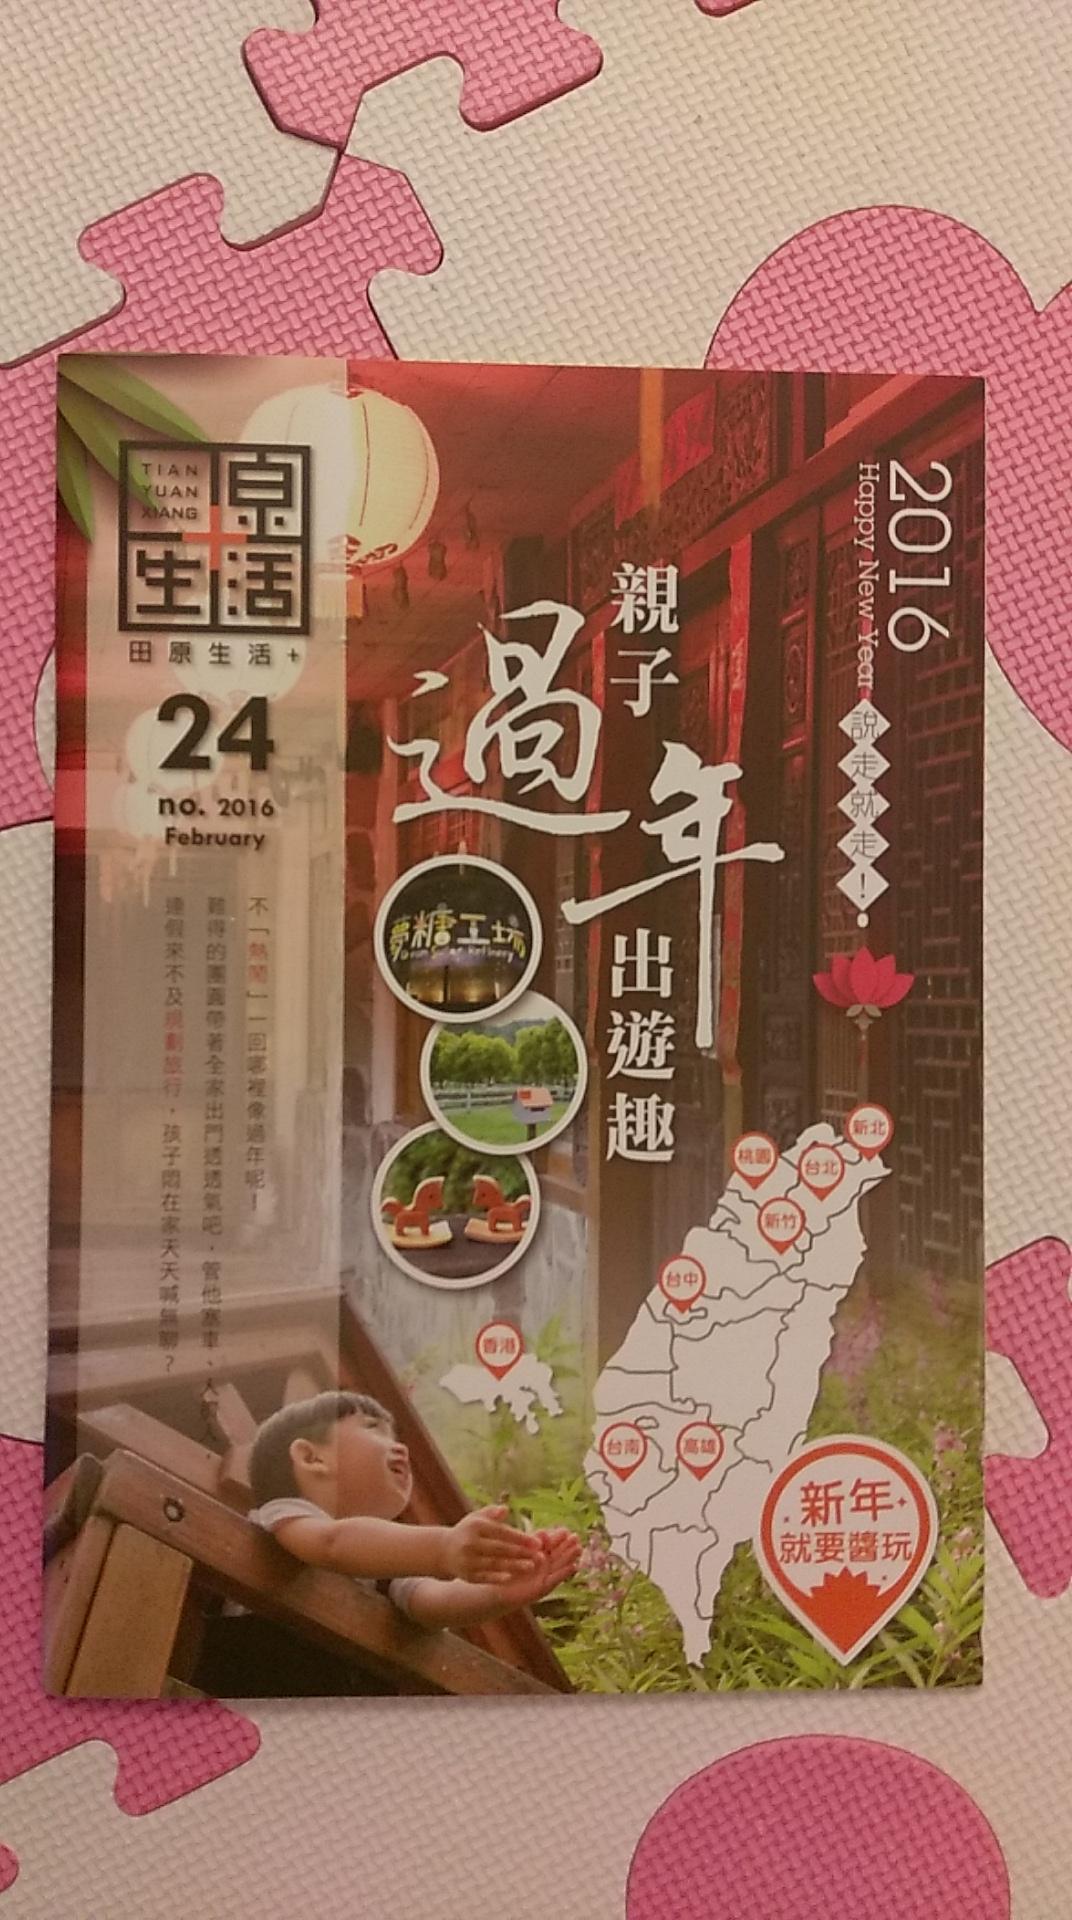 出遊作品刊登於田原生活月刊